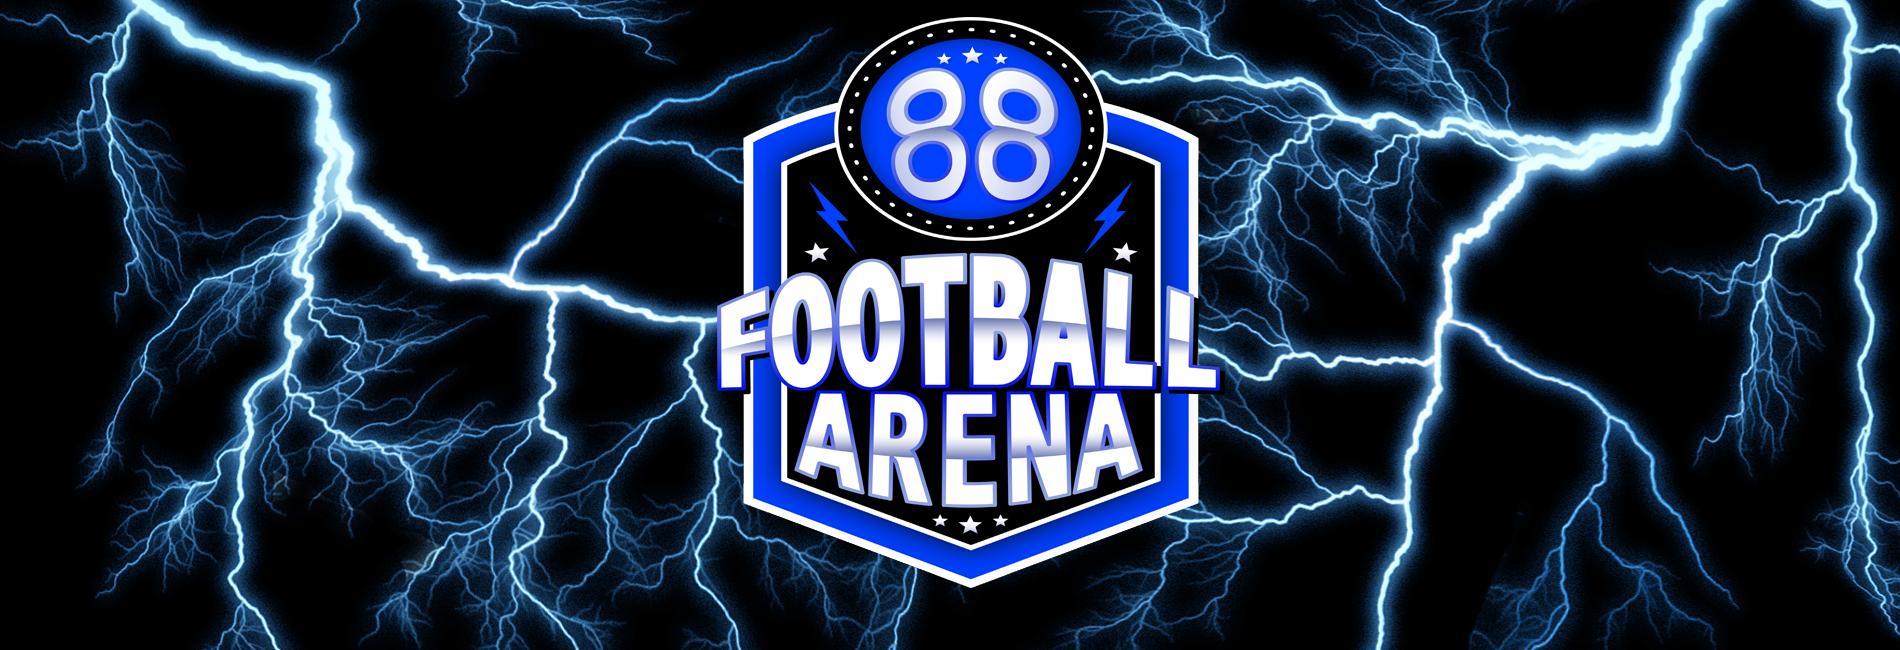 ข่าวกีฬาฟุตบอลออนไลน์FootballArena88